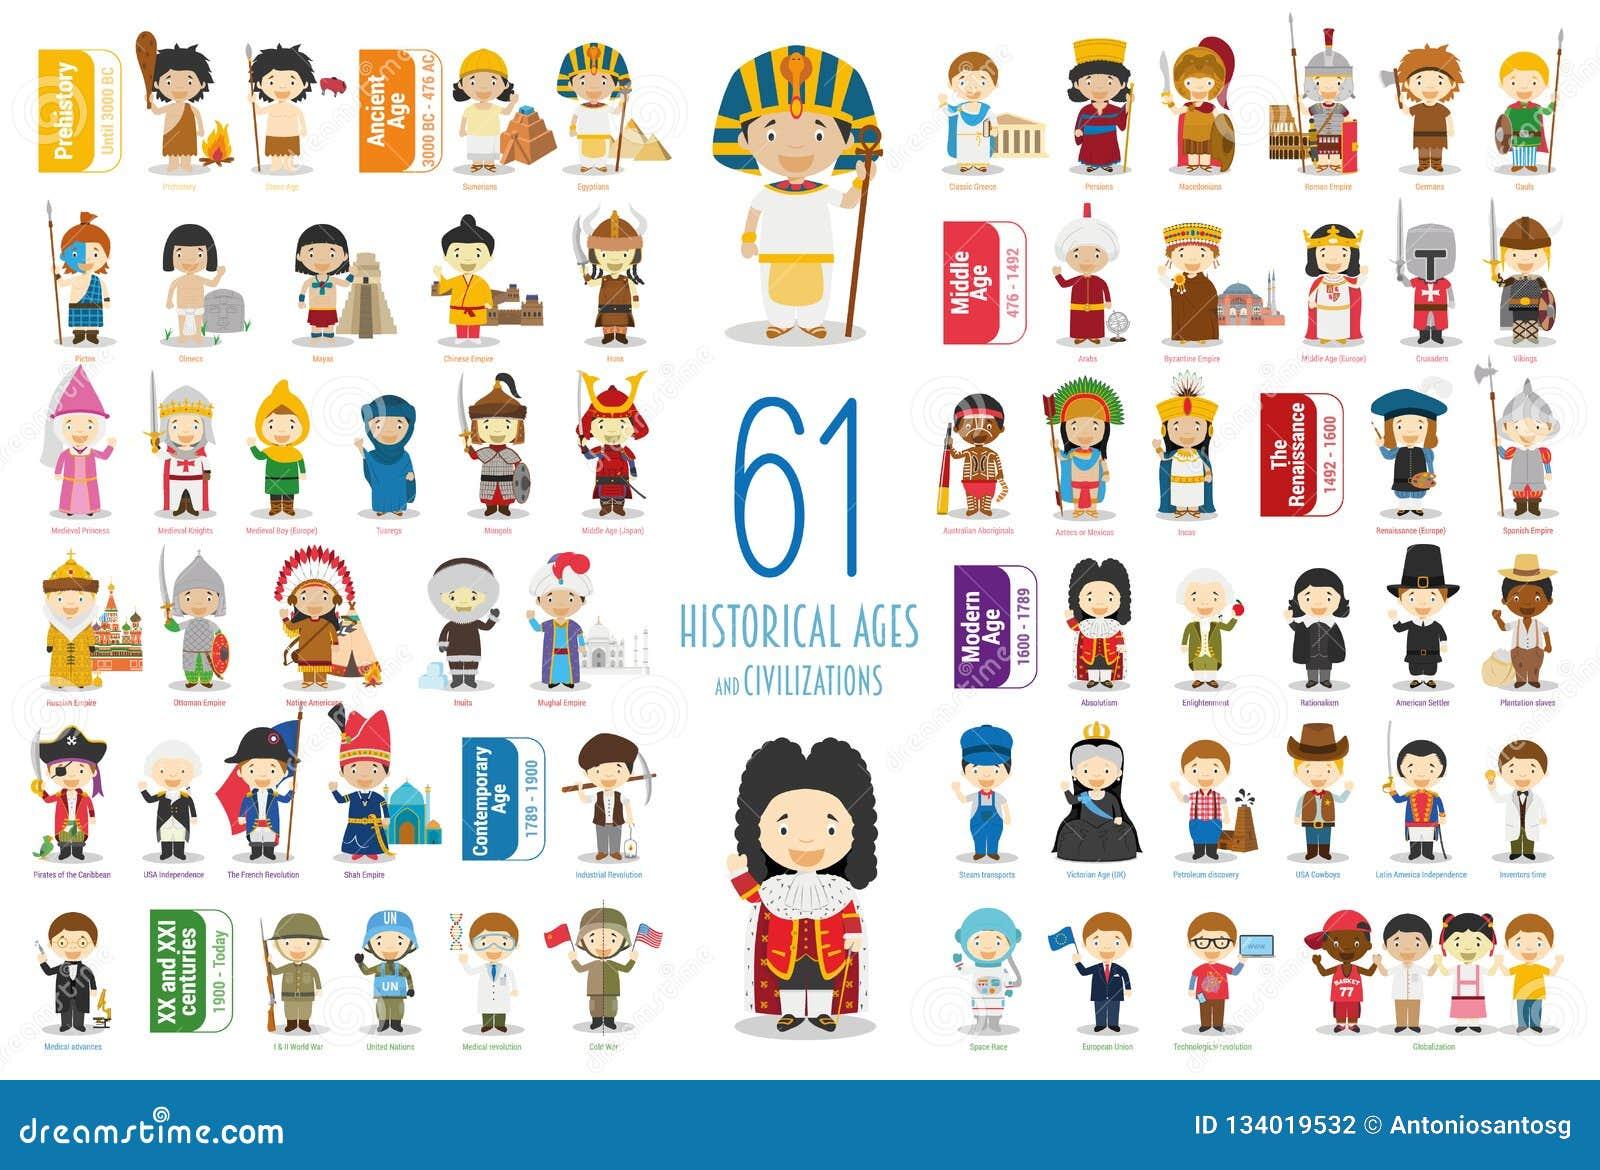 Coleção dos caráteres do vetor das crianças: Ajuste de 61 idades e civilizações históricas no estilo dos desenhos animados